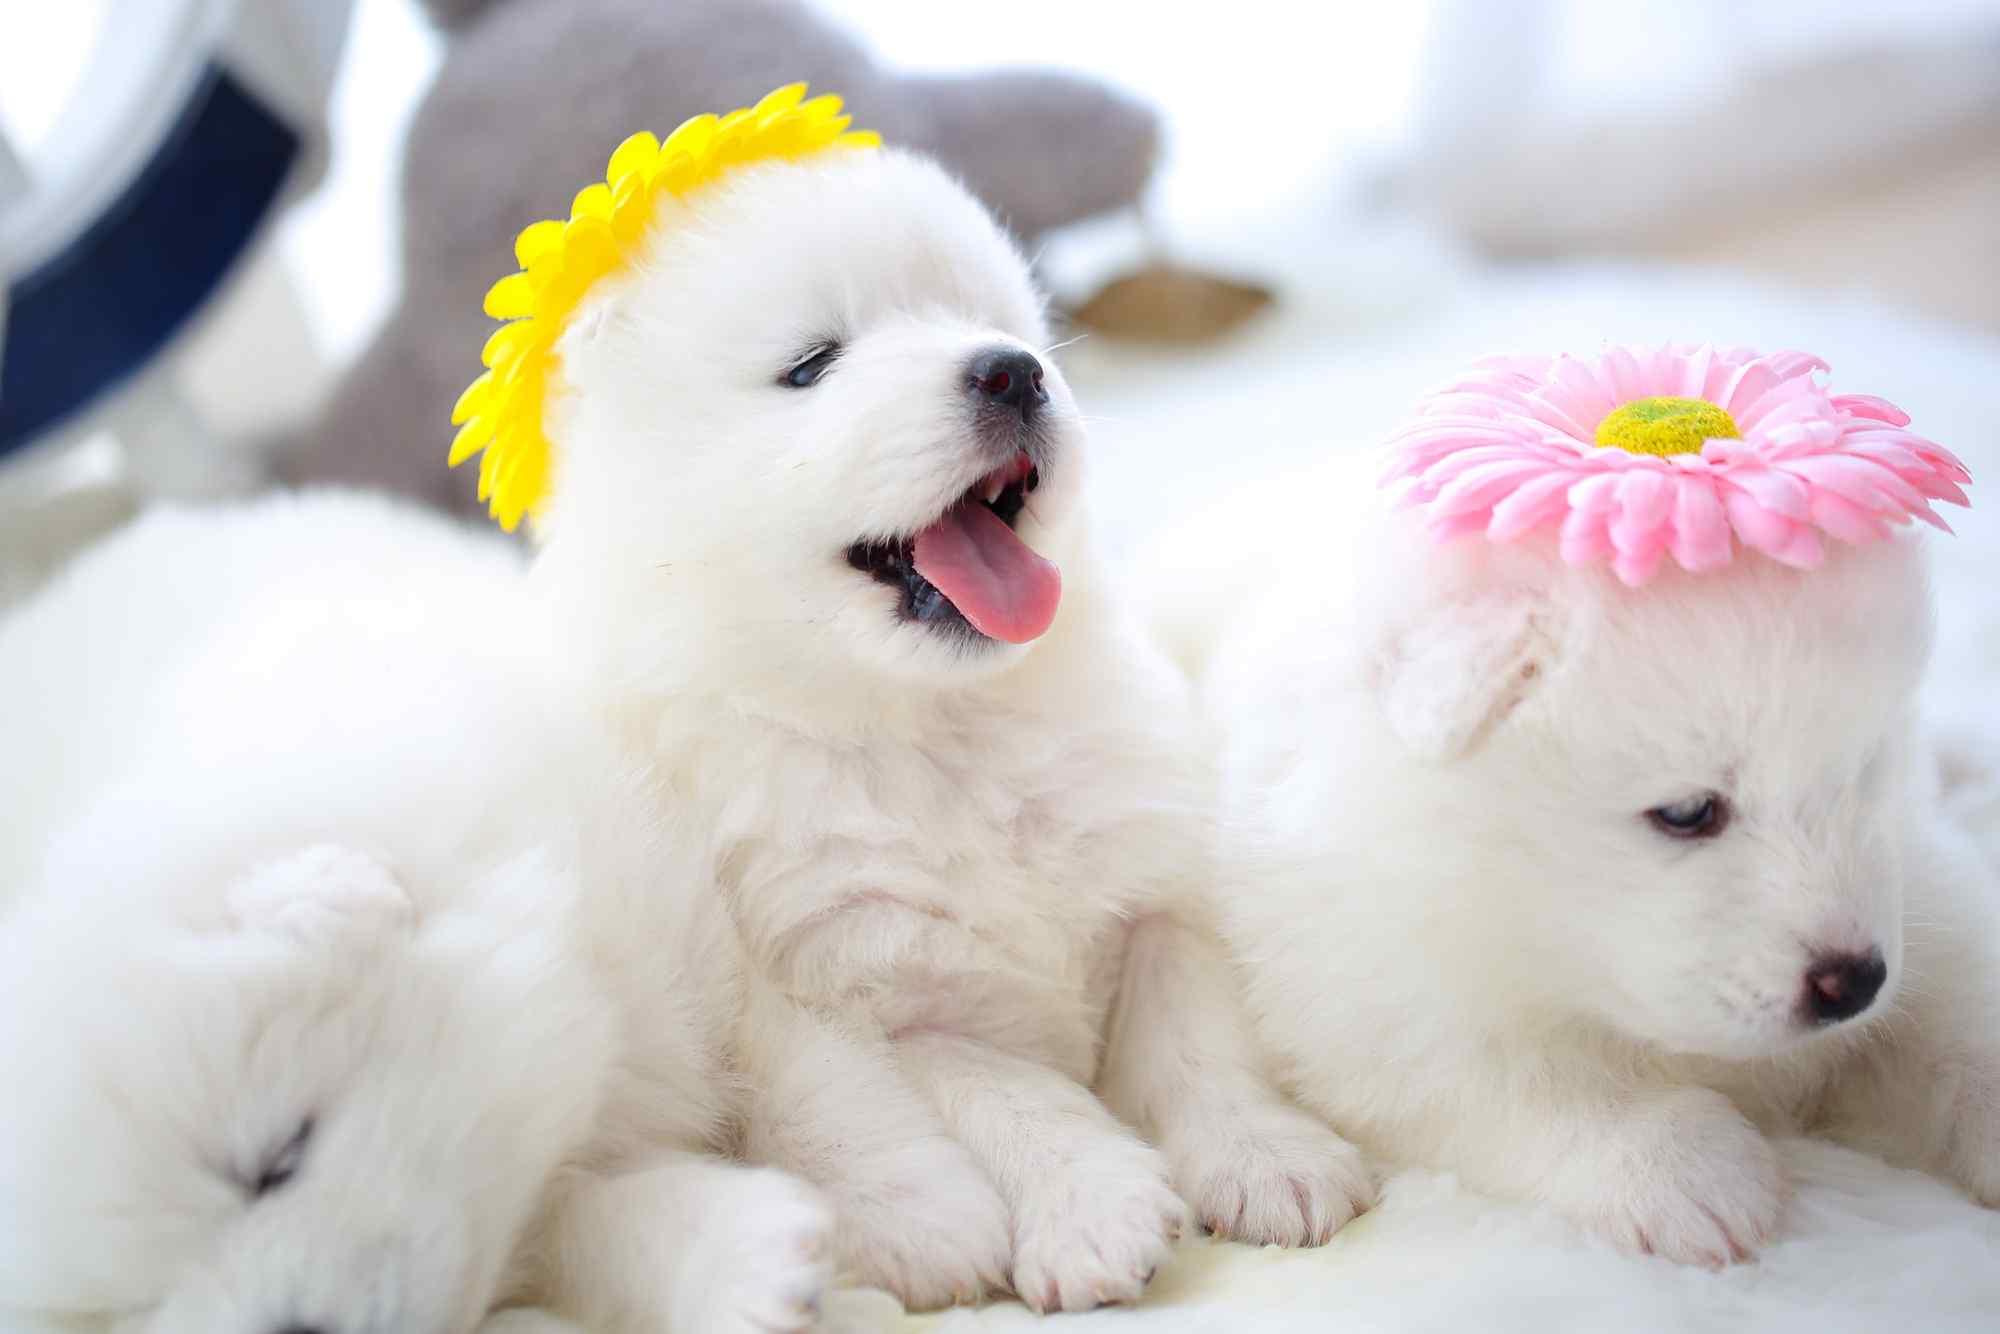 萌萌哒白色萨摩耶小奶狗桌面壁纸